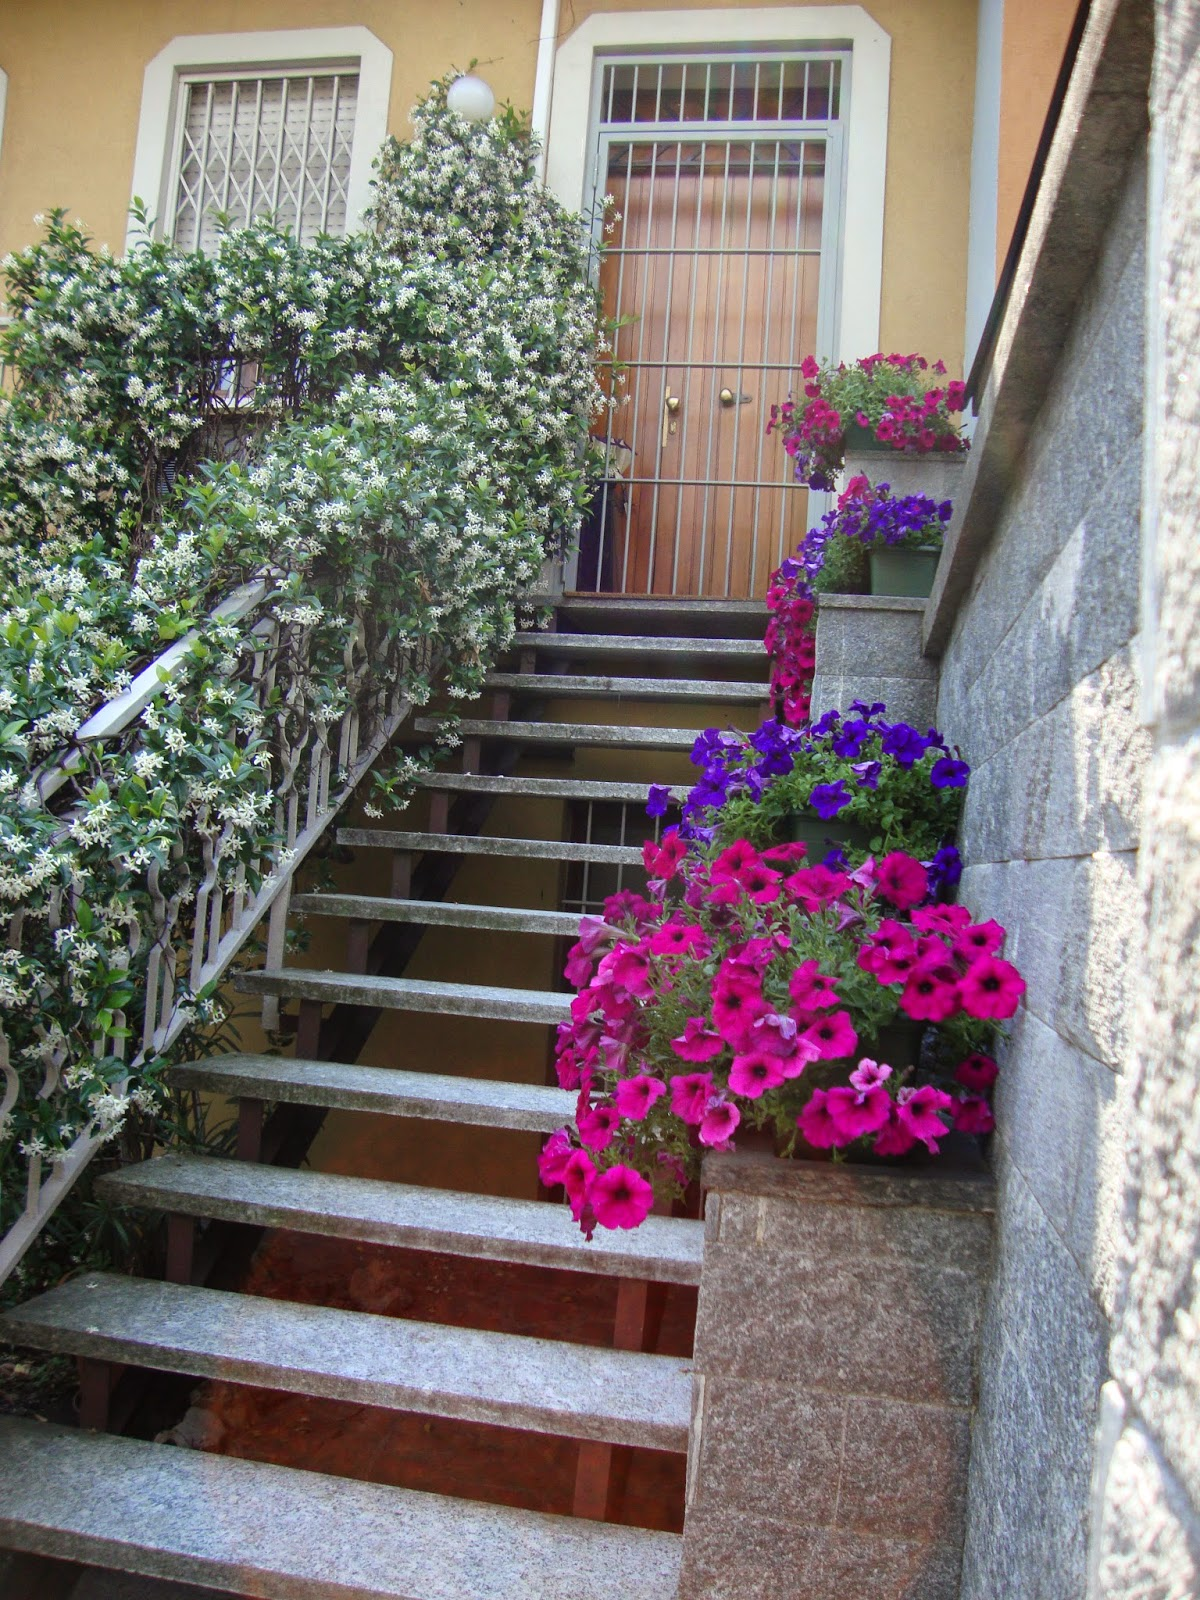 Un piccolo giardino in citt fiori e piante sulle scale di citt - Scala da giardino ...